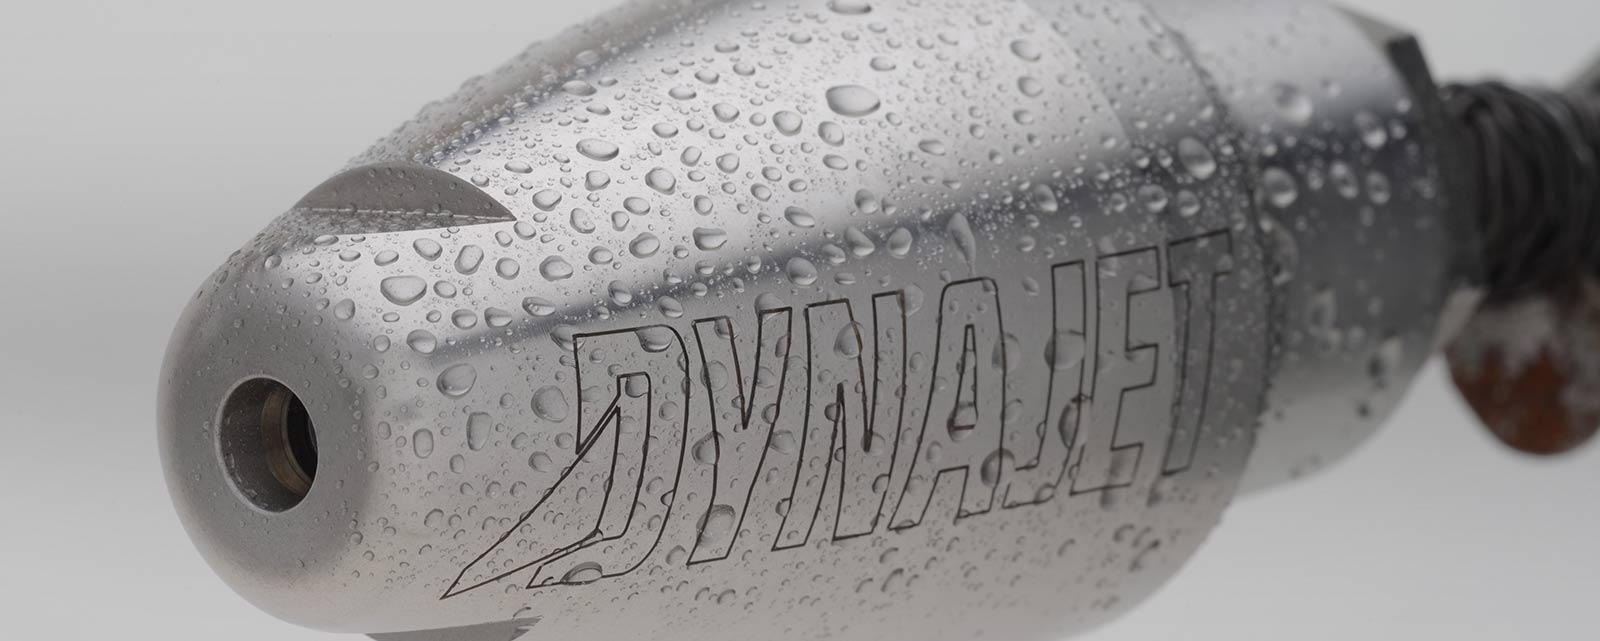 Je nach Anwendung und Druck wählen Sie aus dem umfassenden DYNAJET Zubehör die passende Düsenart und Düse